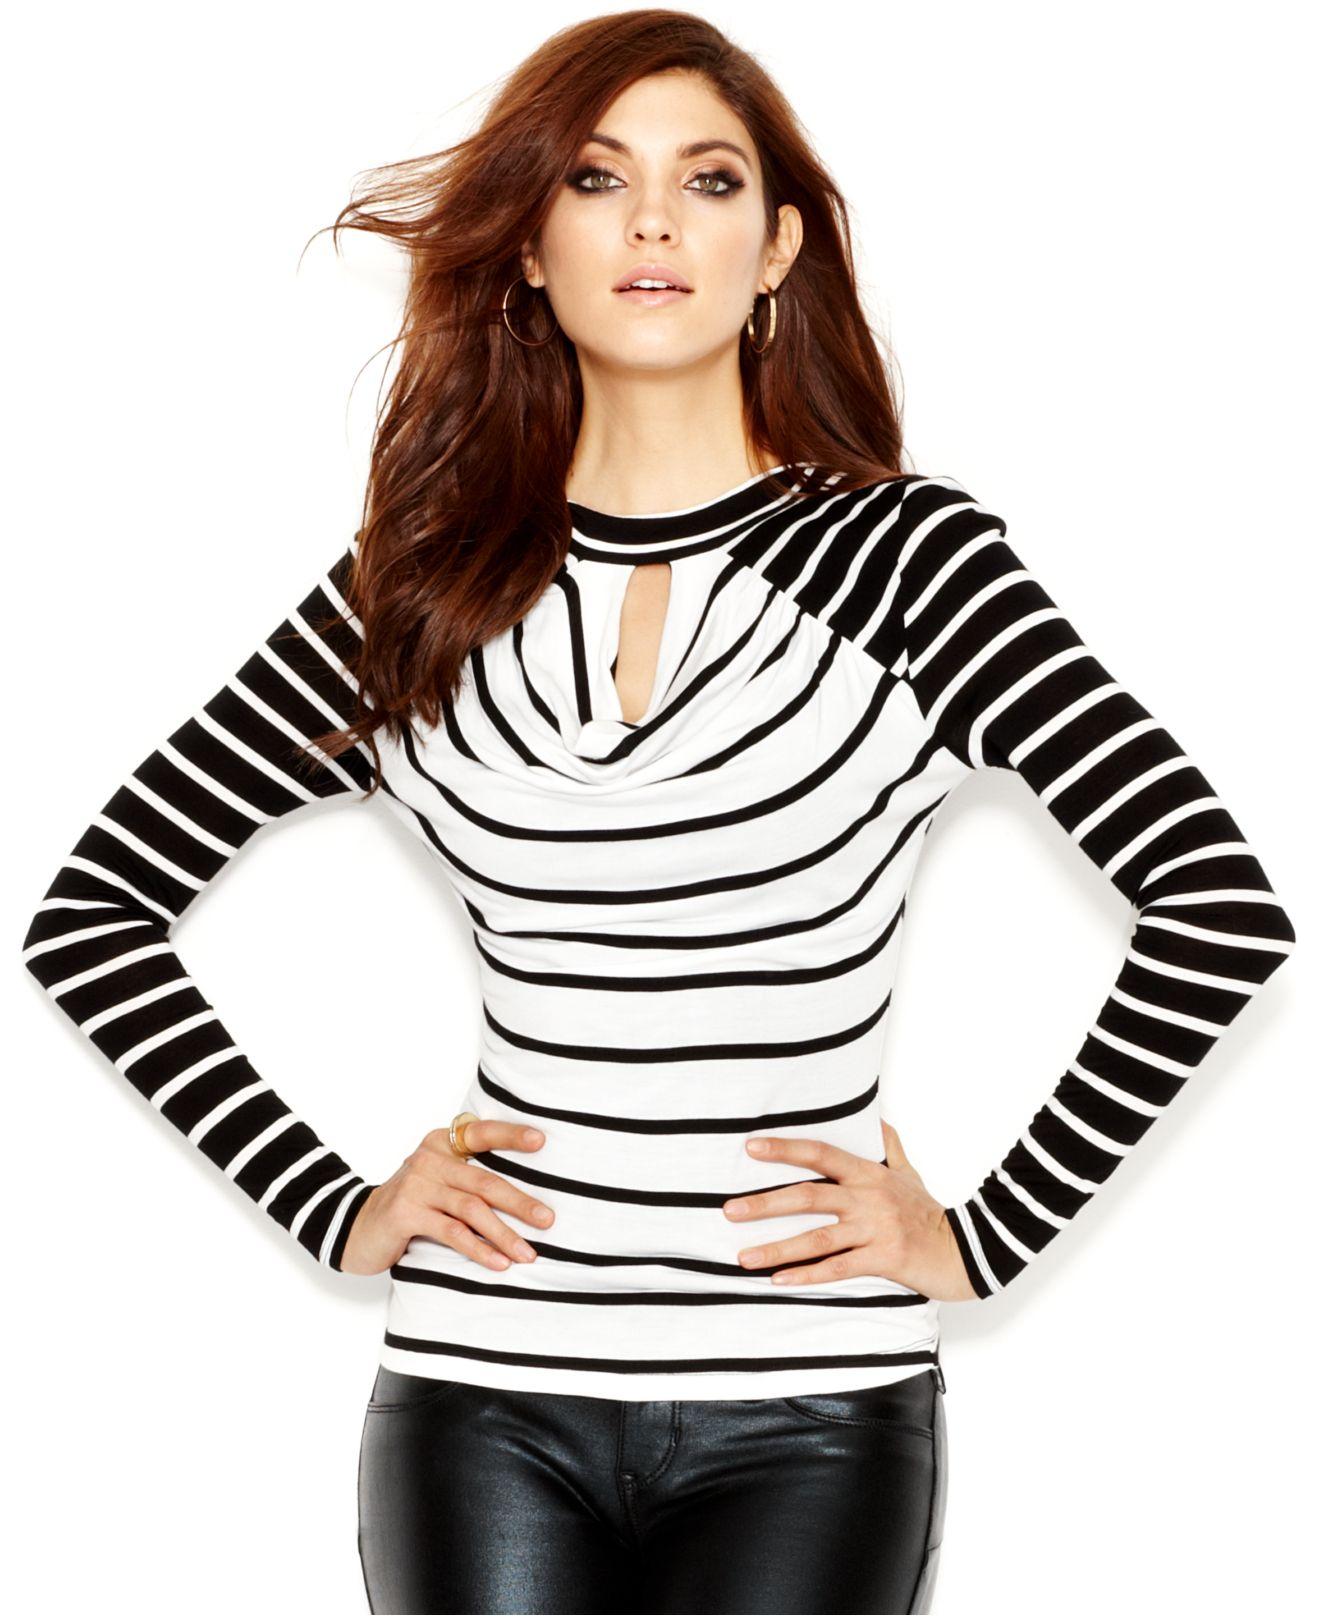 5feb5877173 Lyst - Guess Long-sleeve Mock-turtleneck Striped Top in Black